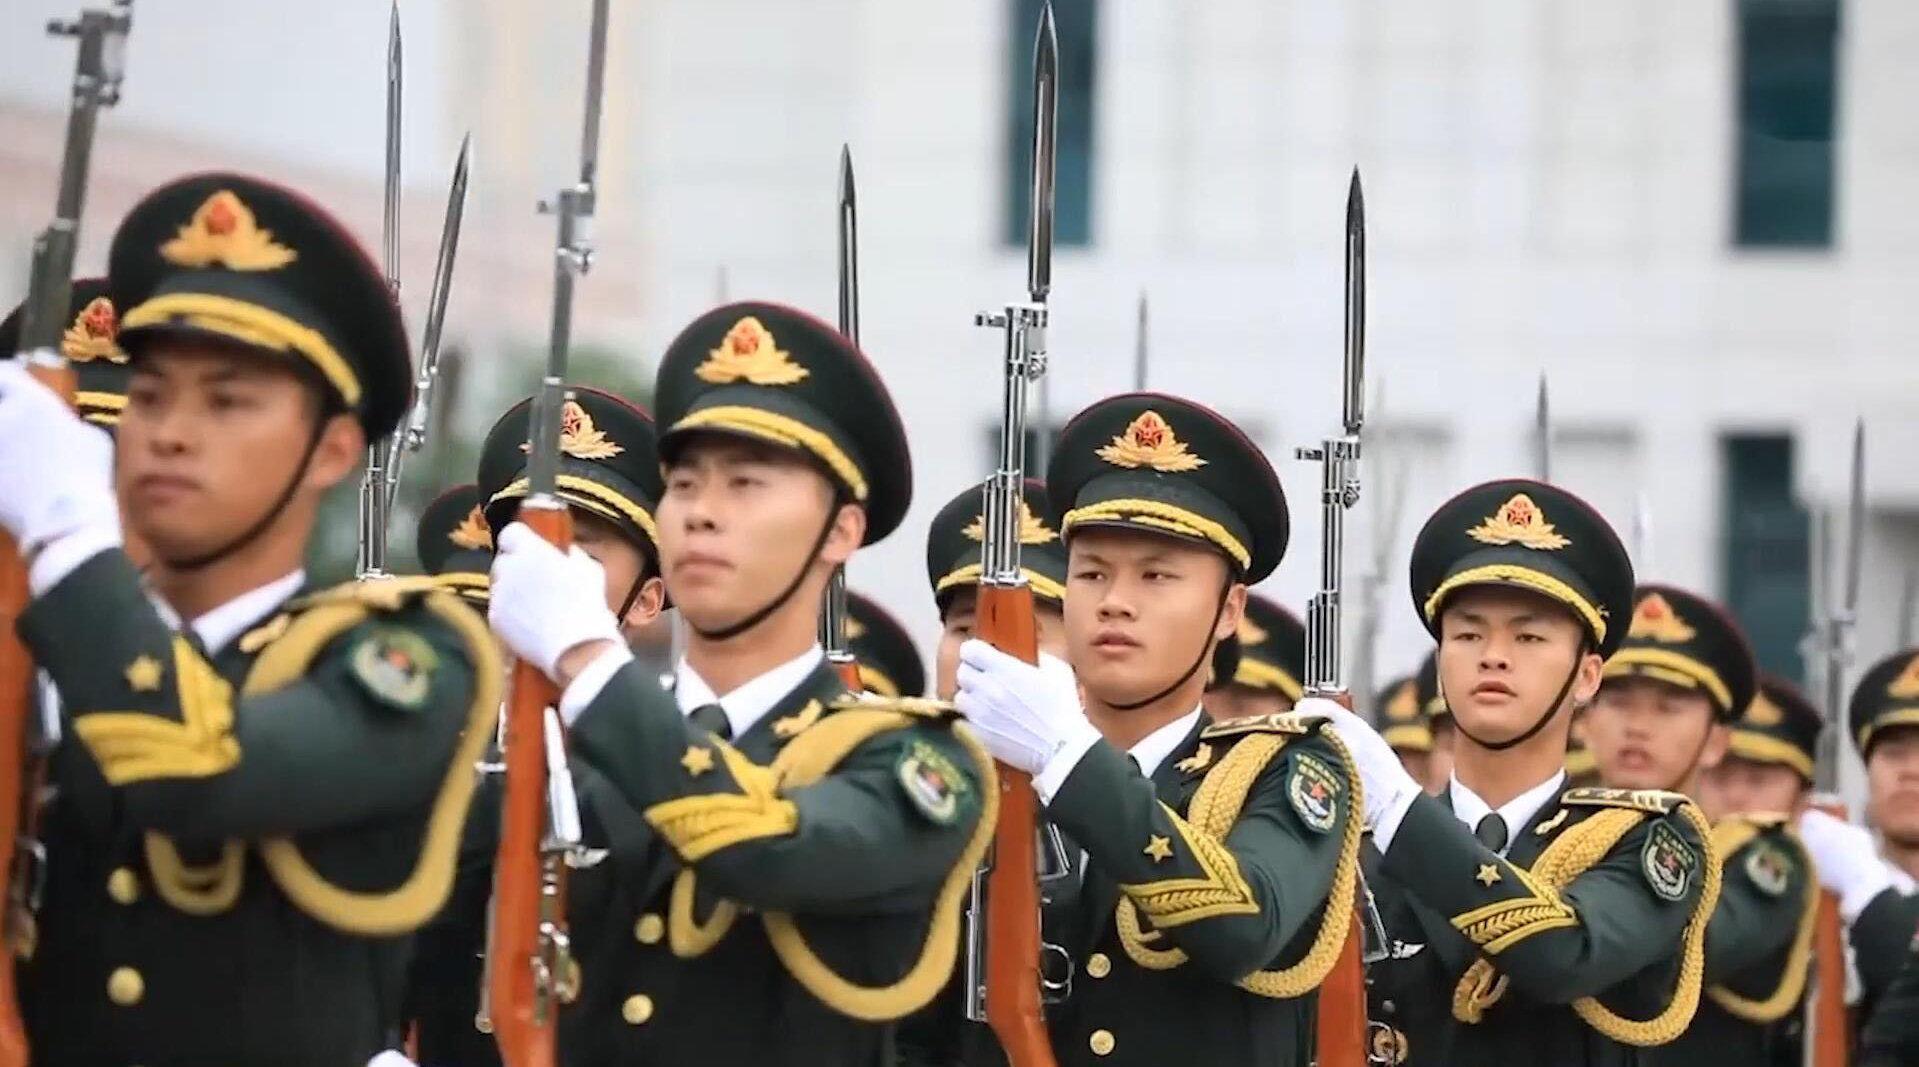 群众相聚驻澳门部队军营开放日,仪仗队举行威武庄严的升旗仪式!